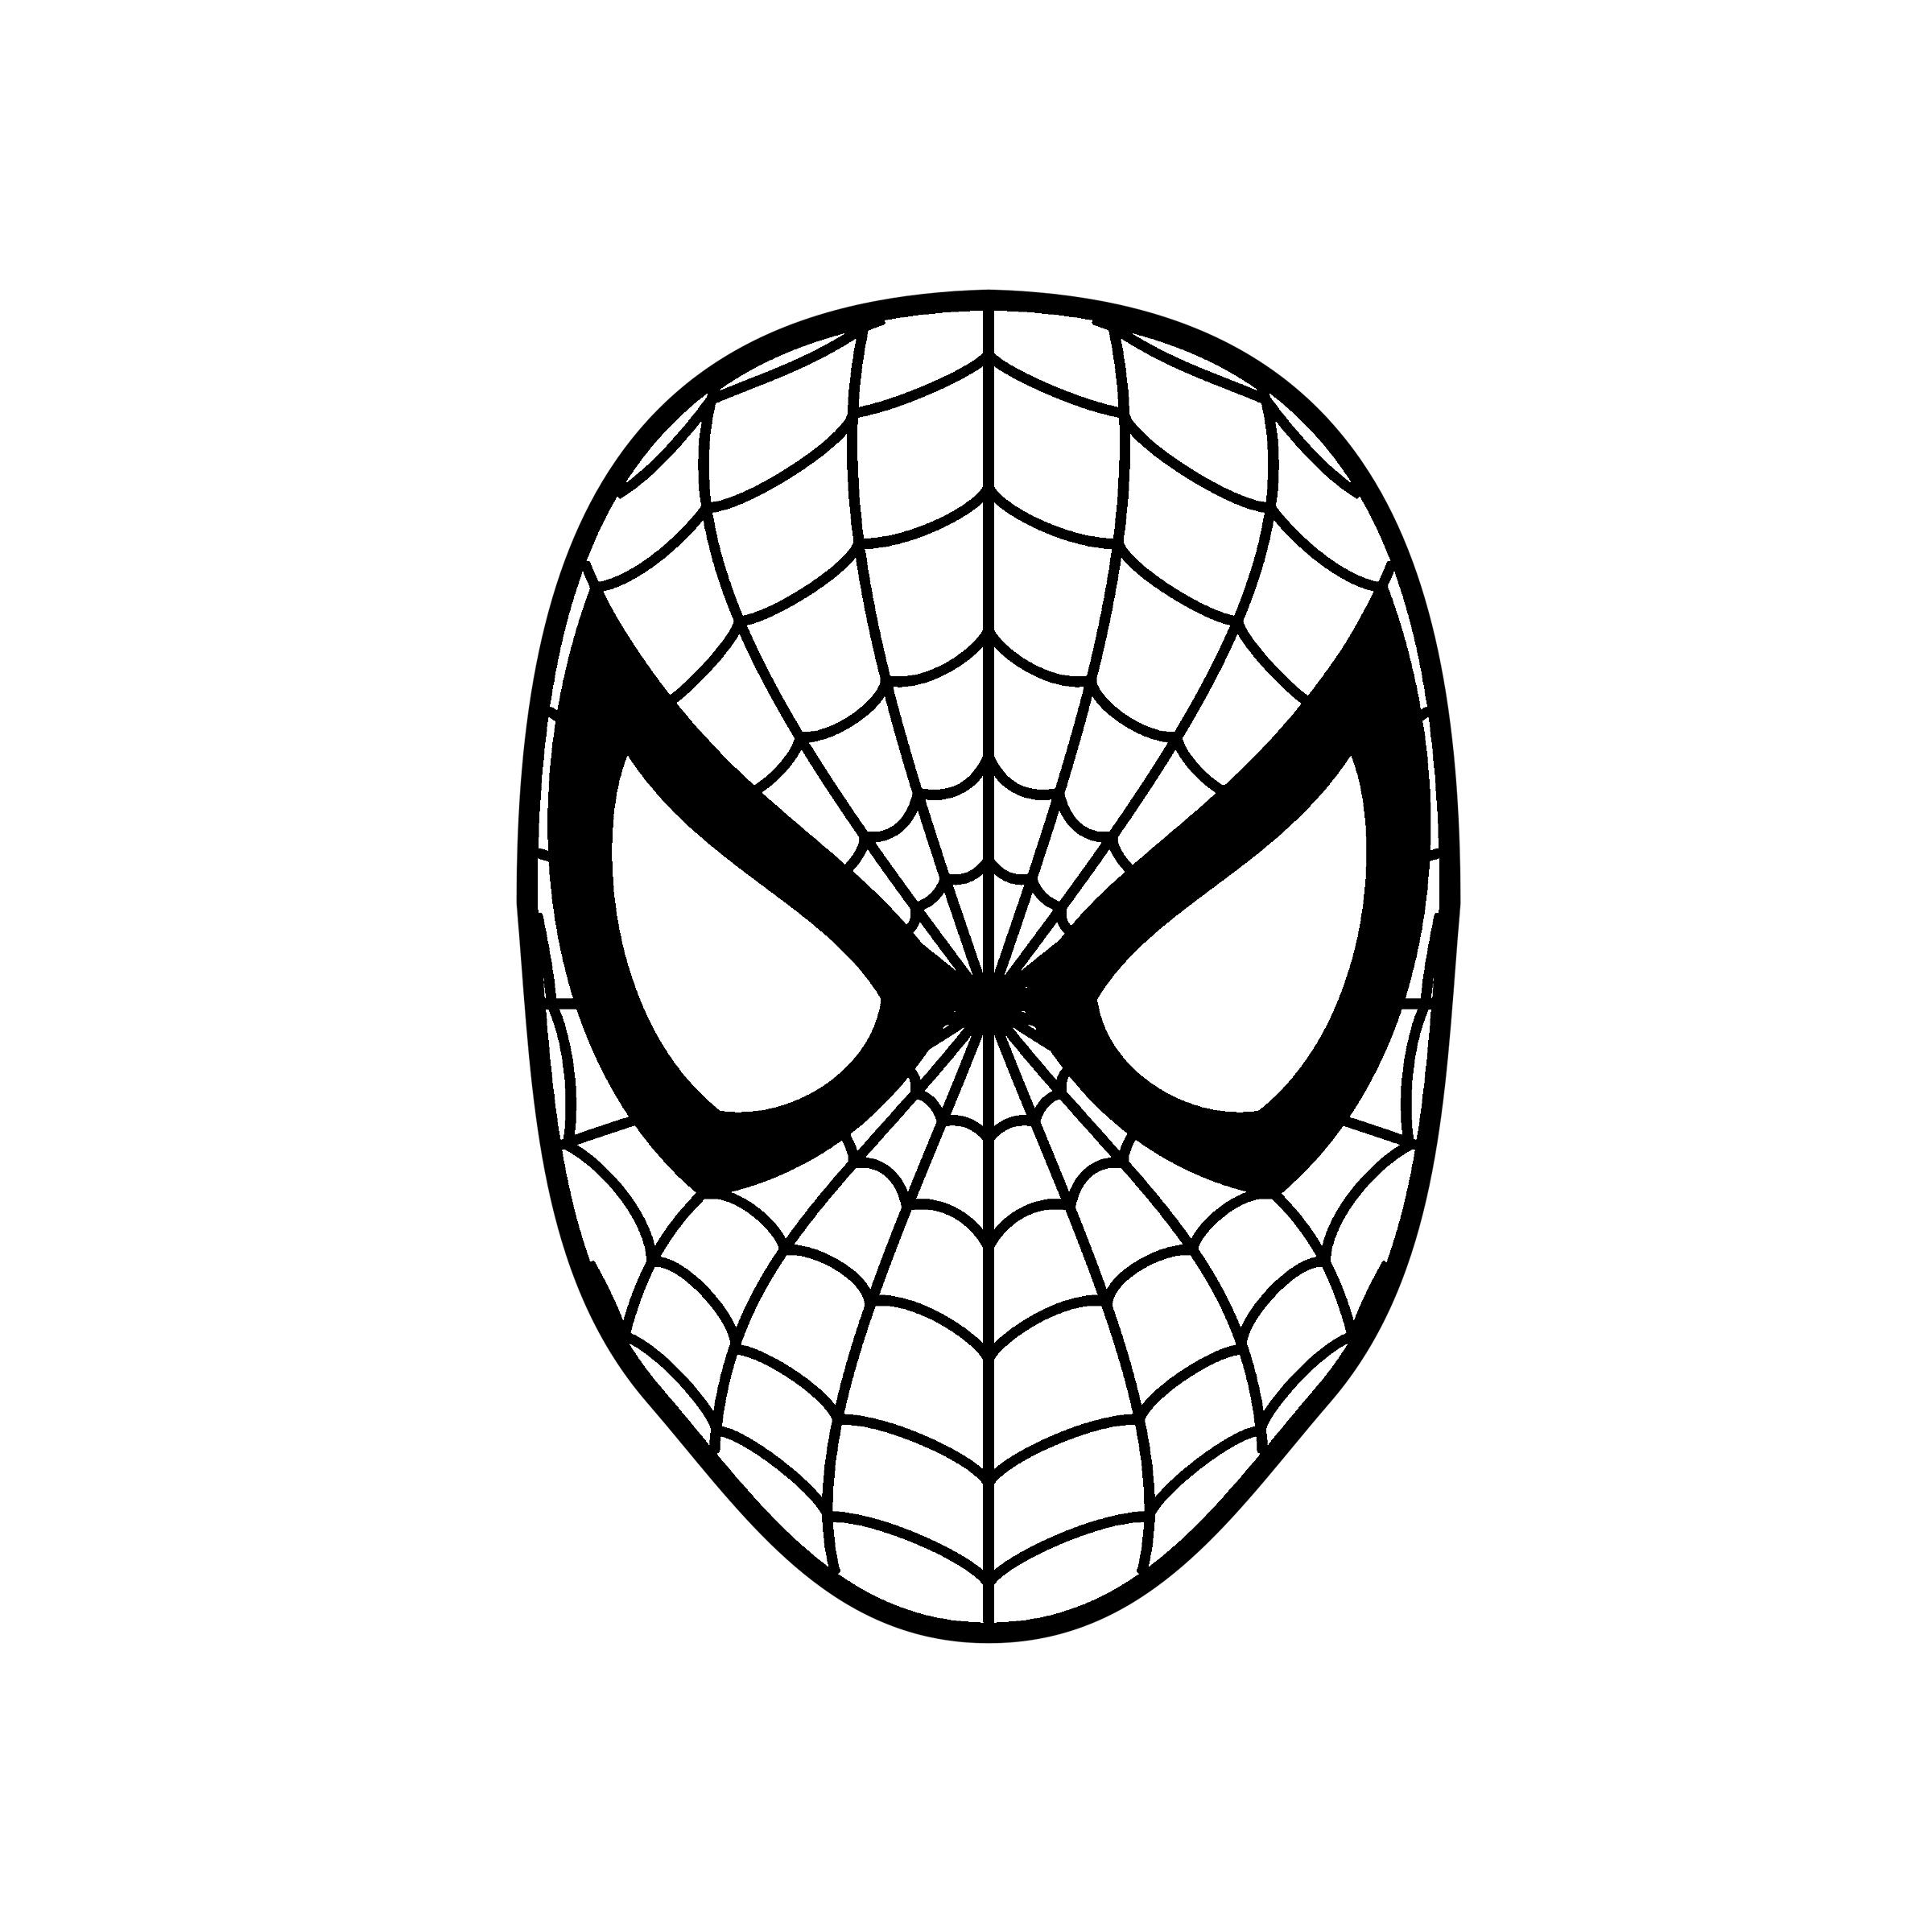 Spiderman Ausmalbilder Kostenlos Malvorlagen Windowcolor zum Drucken